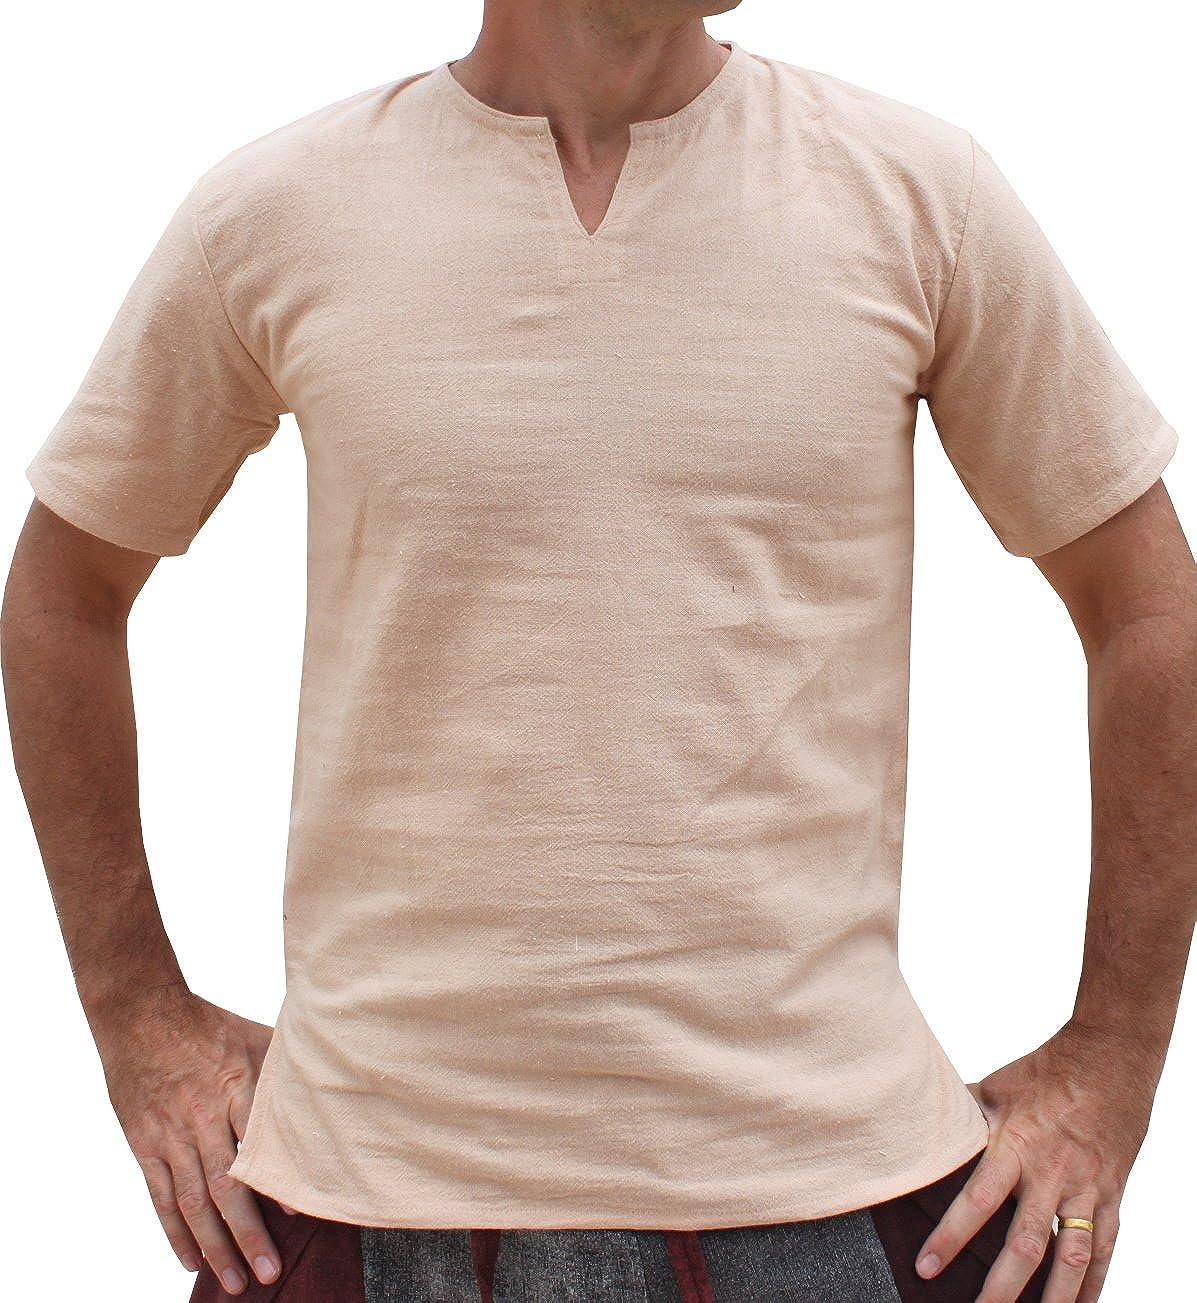 Raan Pah Muang Brand Soft Summer Cotton Open Slit Collar Short Sleeve Shirt variant24300AMZ